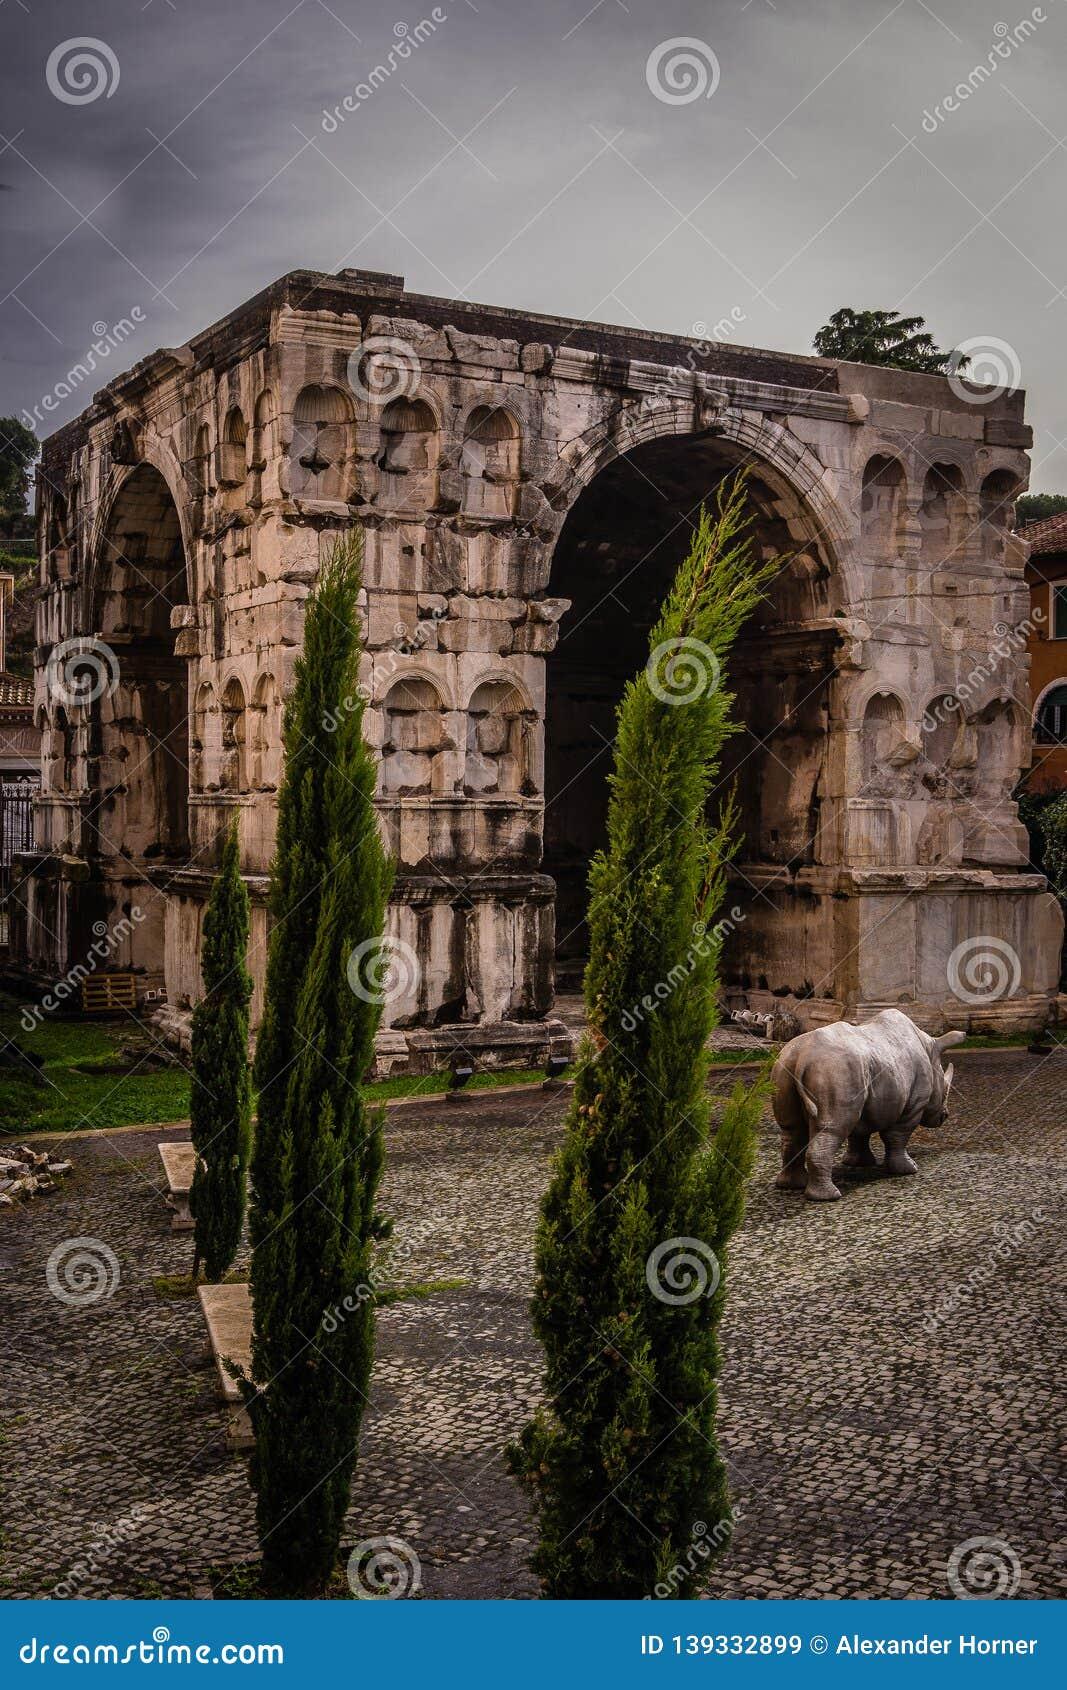 Arco di Giano History City Rome Empire